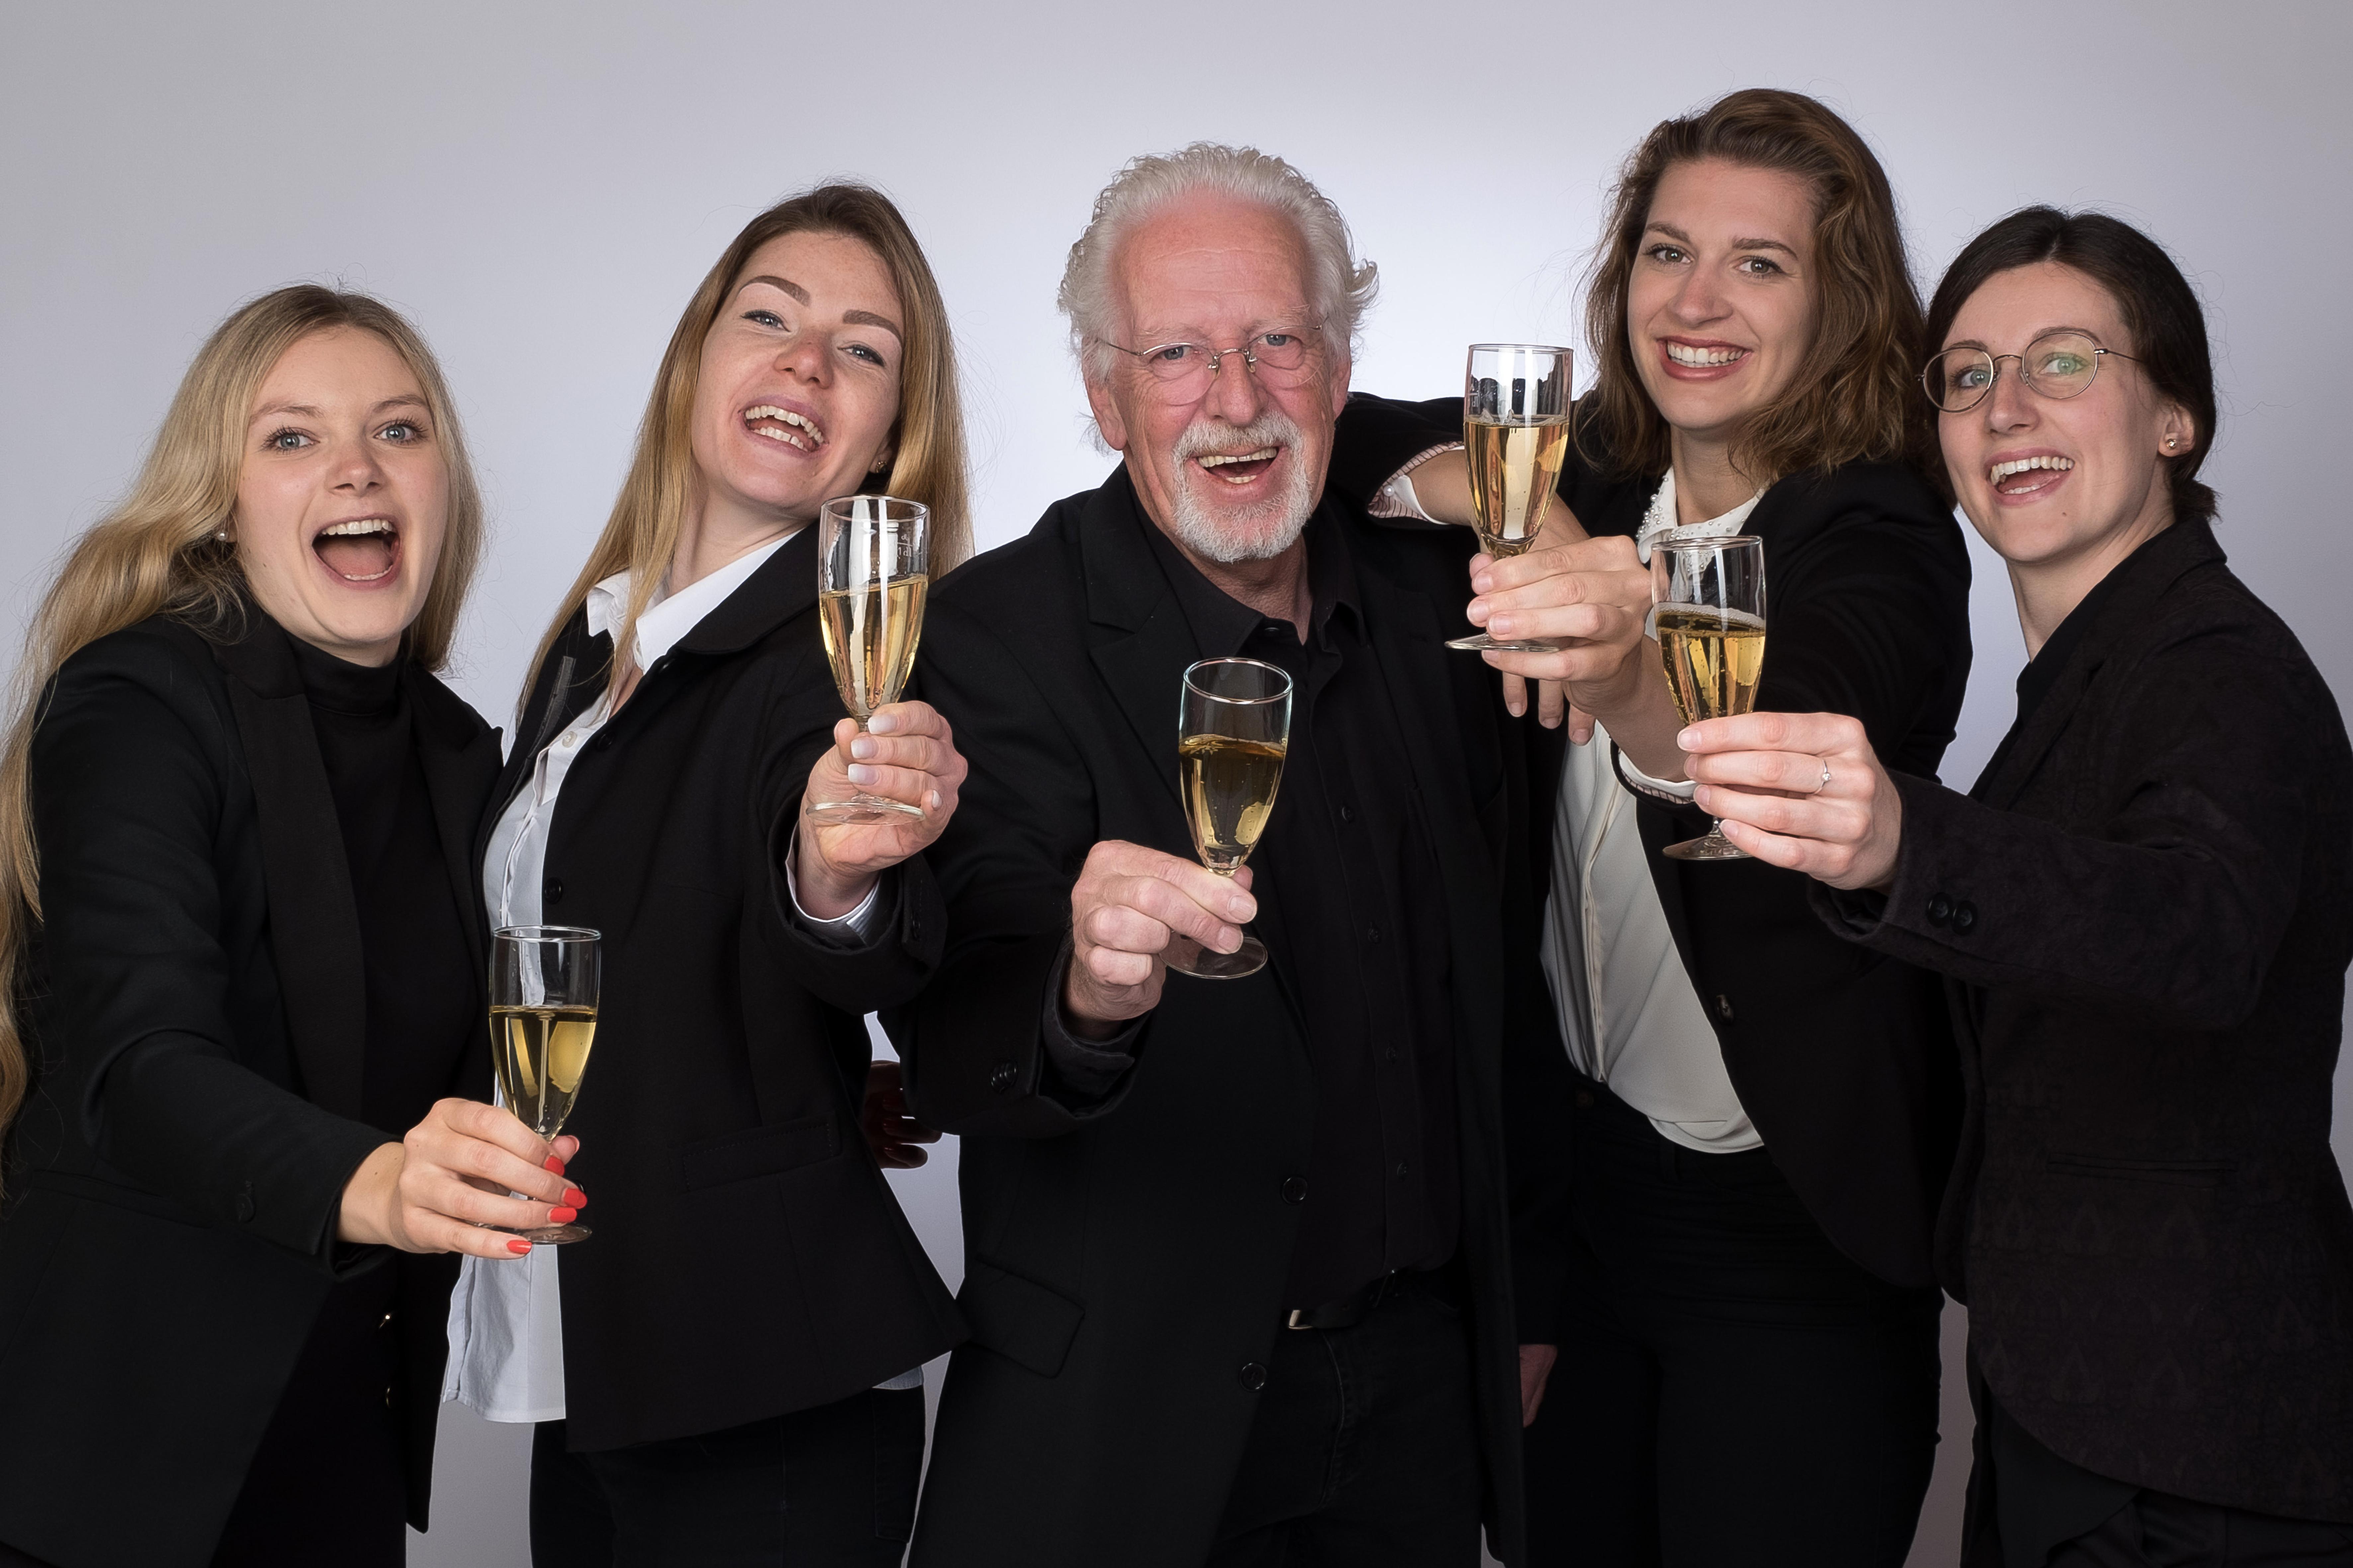 Ein frohes neues Jahr 2010 wünscht eckert Seminare!